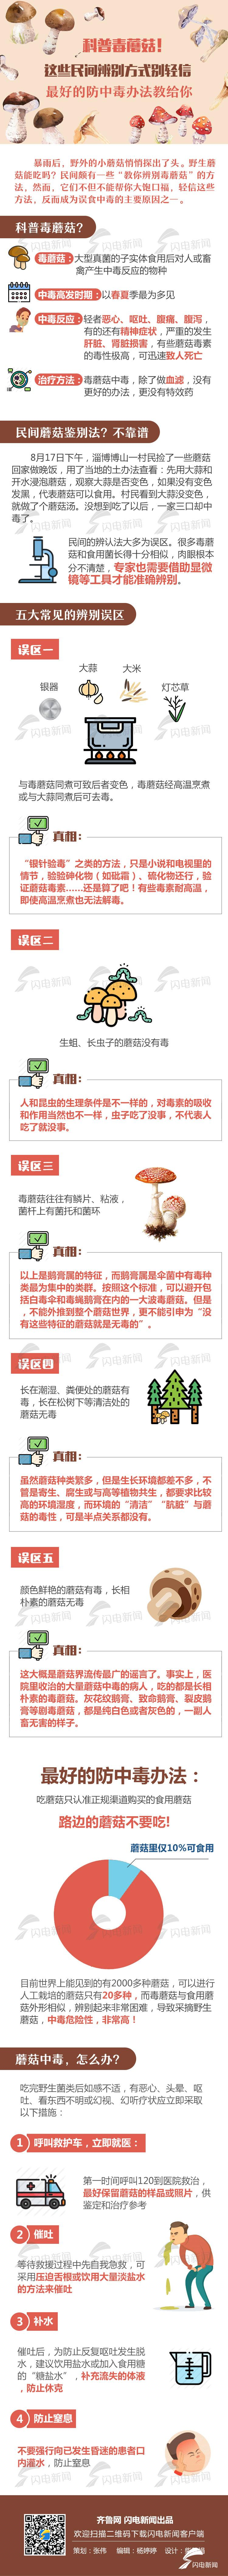 科普毒蘑菇.jpg